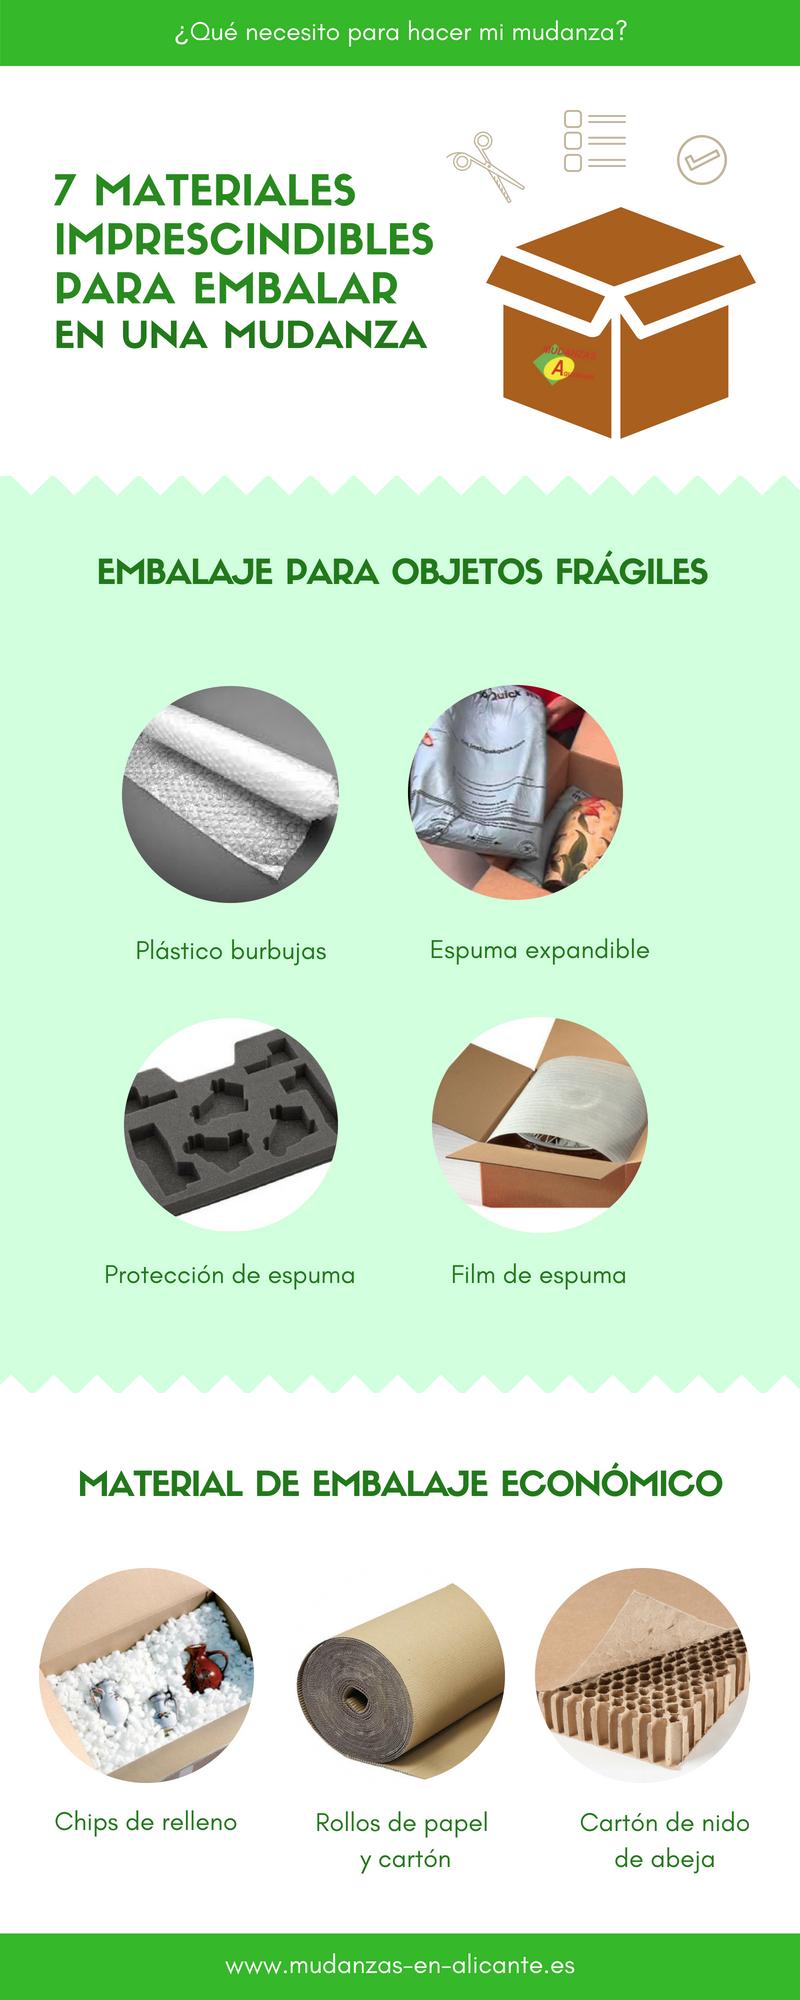 Infografía sobre los materiales necesarios para embalar una mudanza